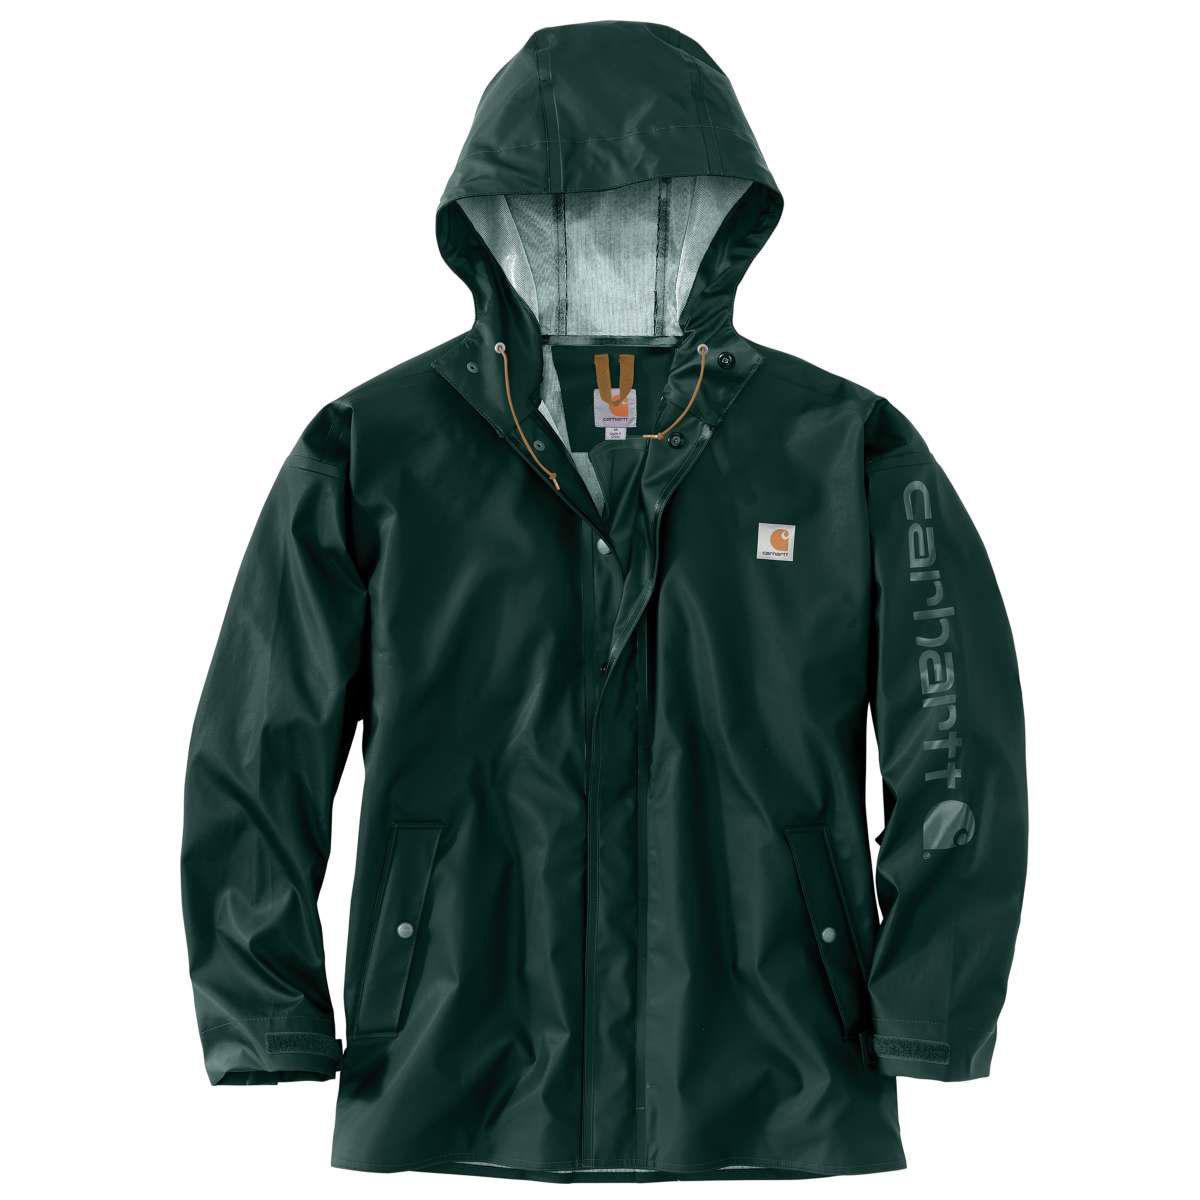 Carhartt Men's Lightweight Waterproof Rainstorm Jacket - Green, XXL